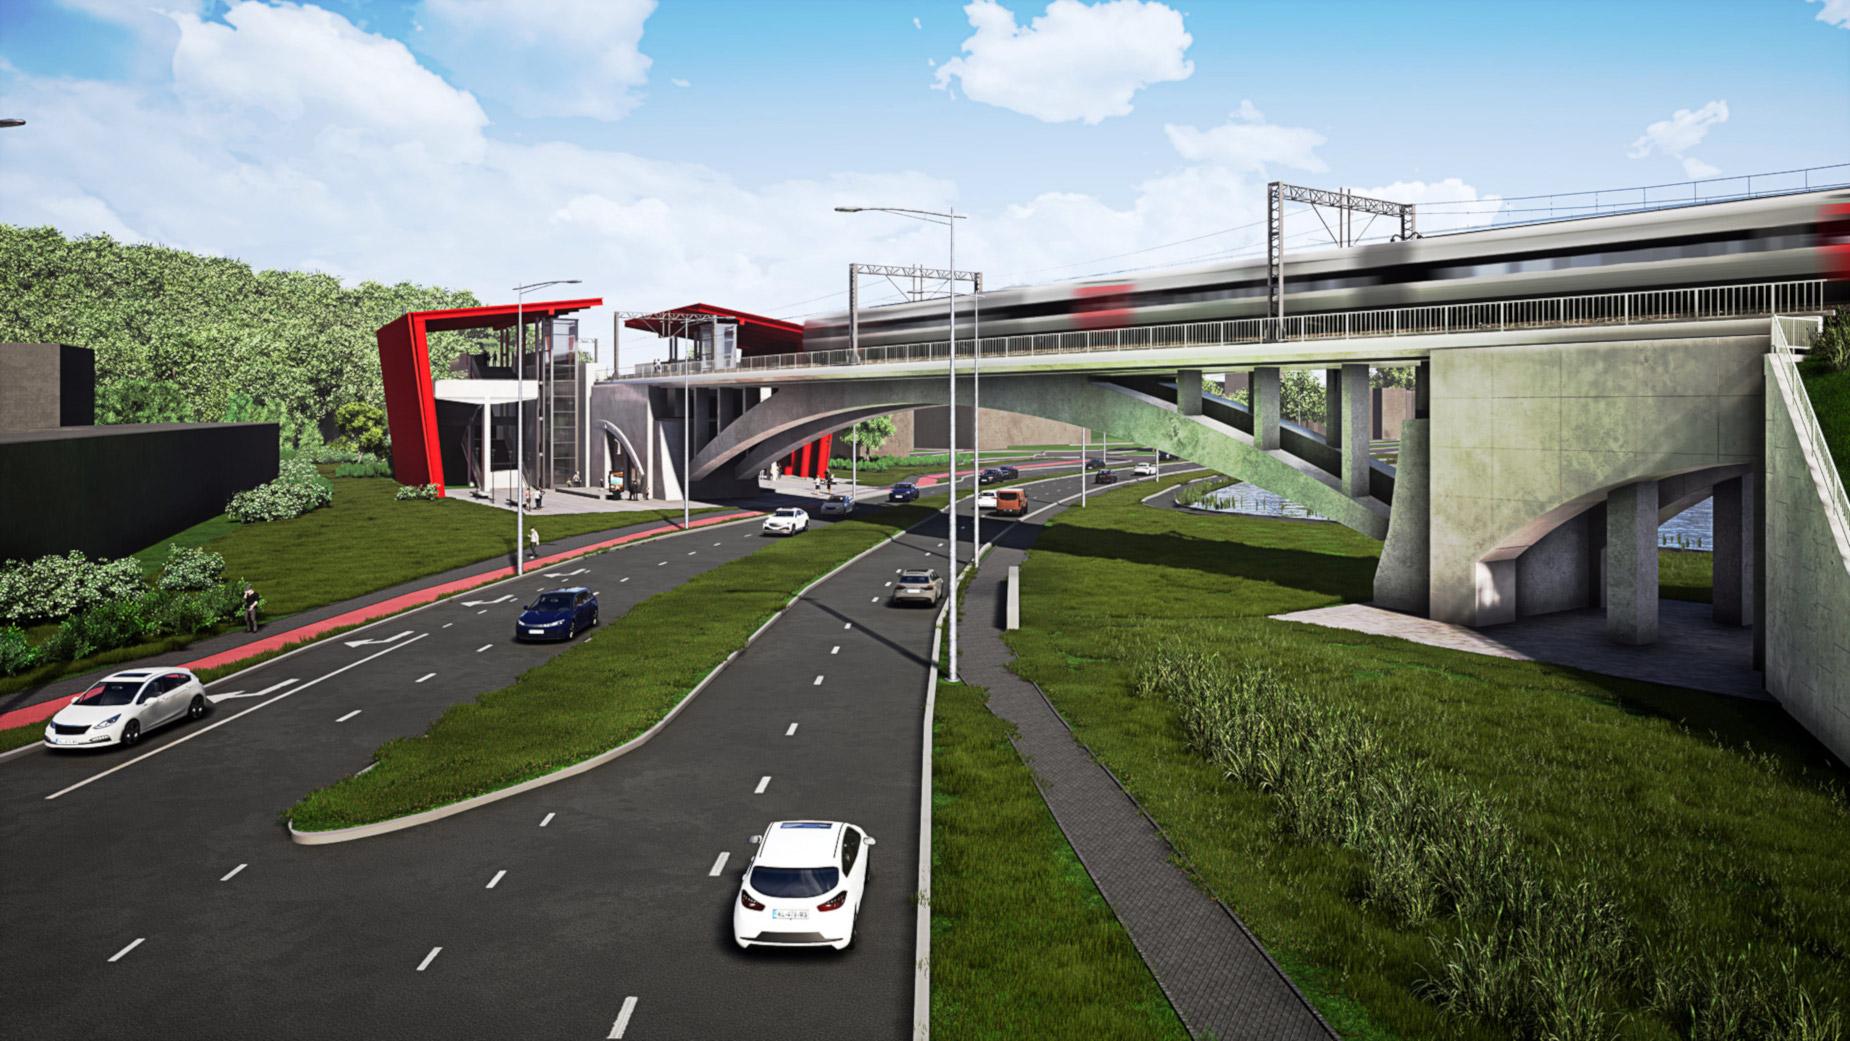 Elektryfikacja i nowy przystanek w Gdańsku. Zobacz, jak zmieni się linia PKM [WIZUALIZACJE]